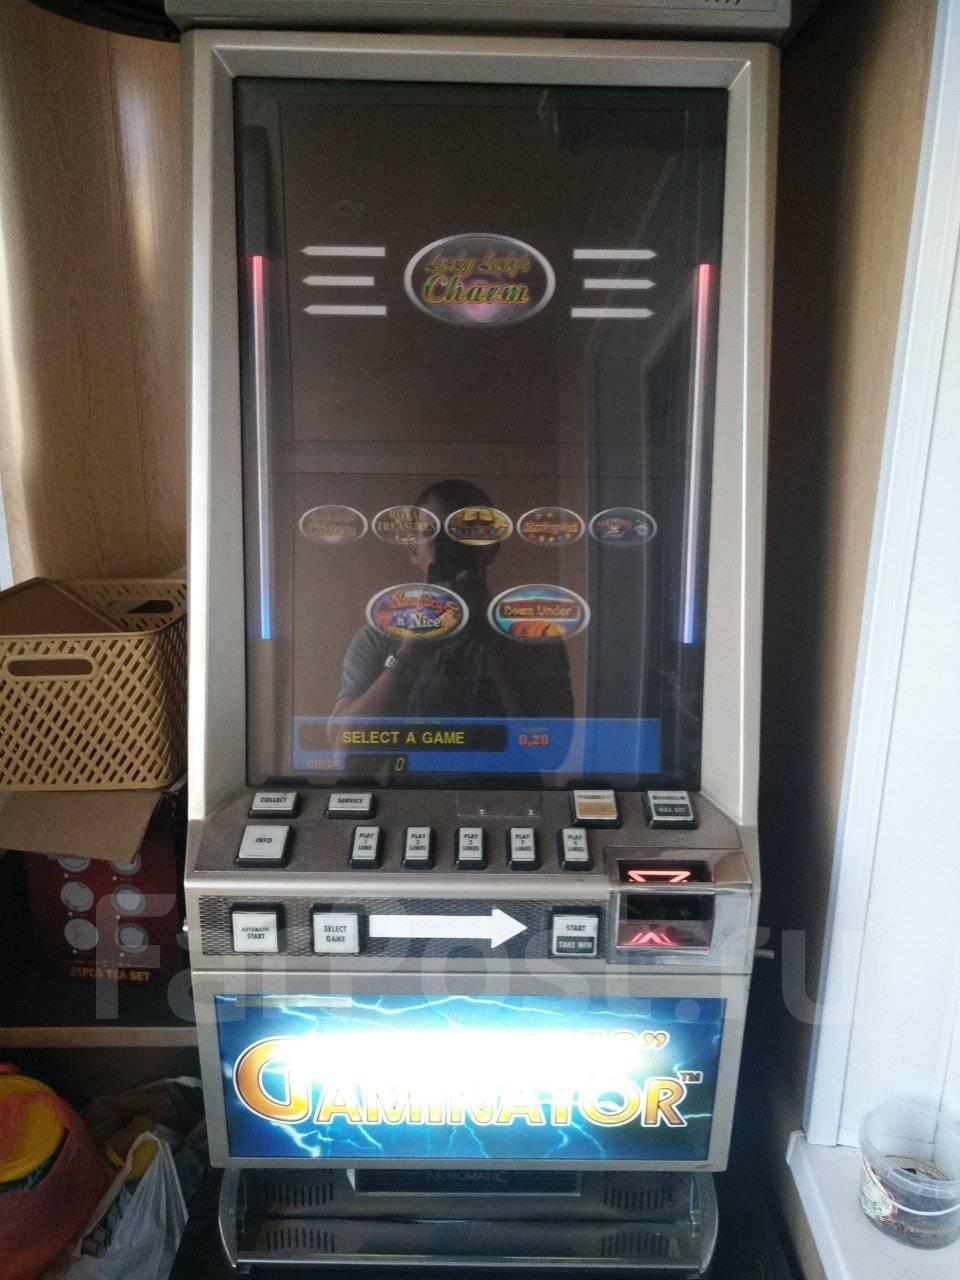 Fruits of ra описание игрового автомата